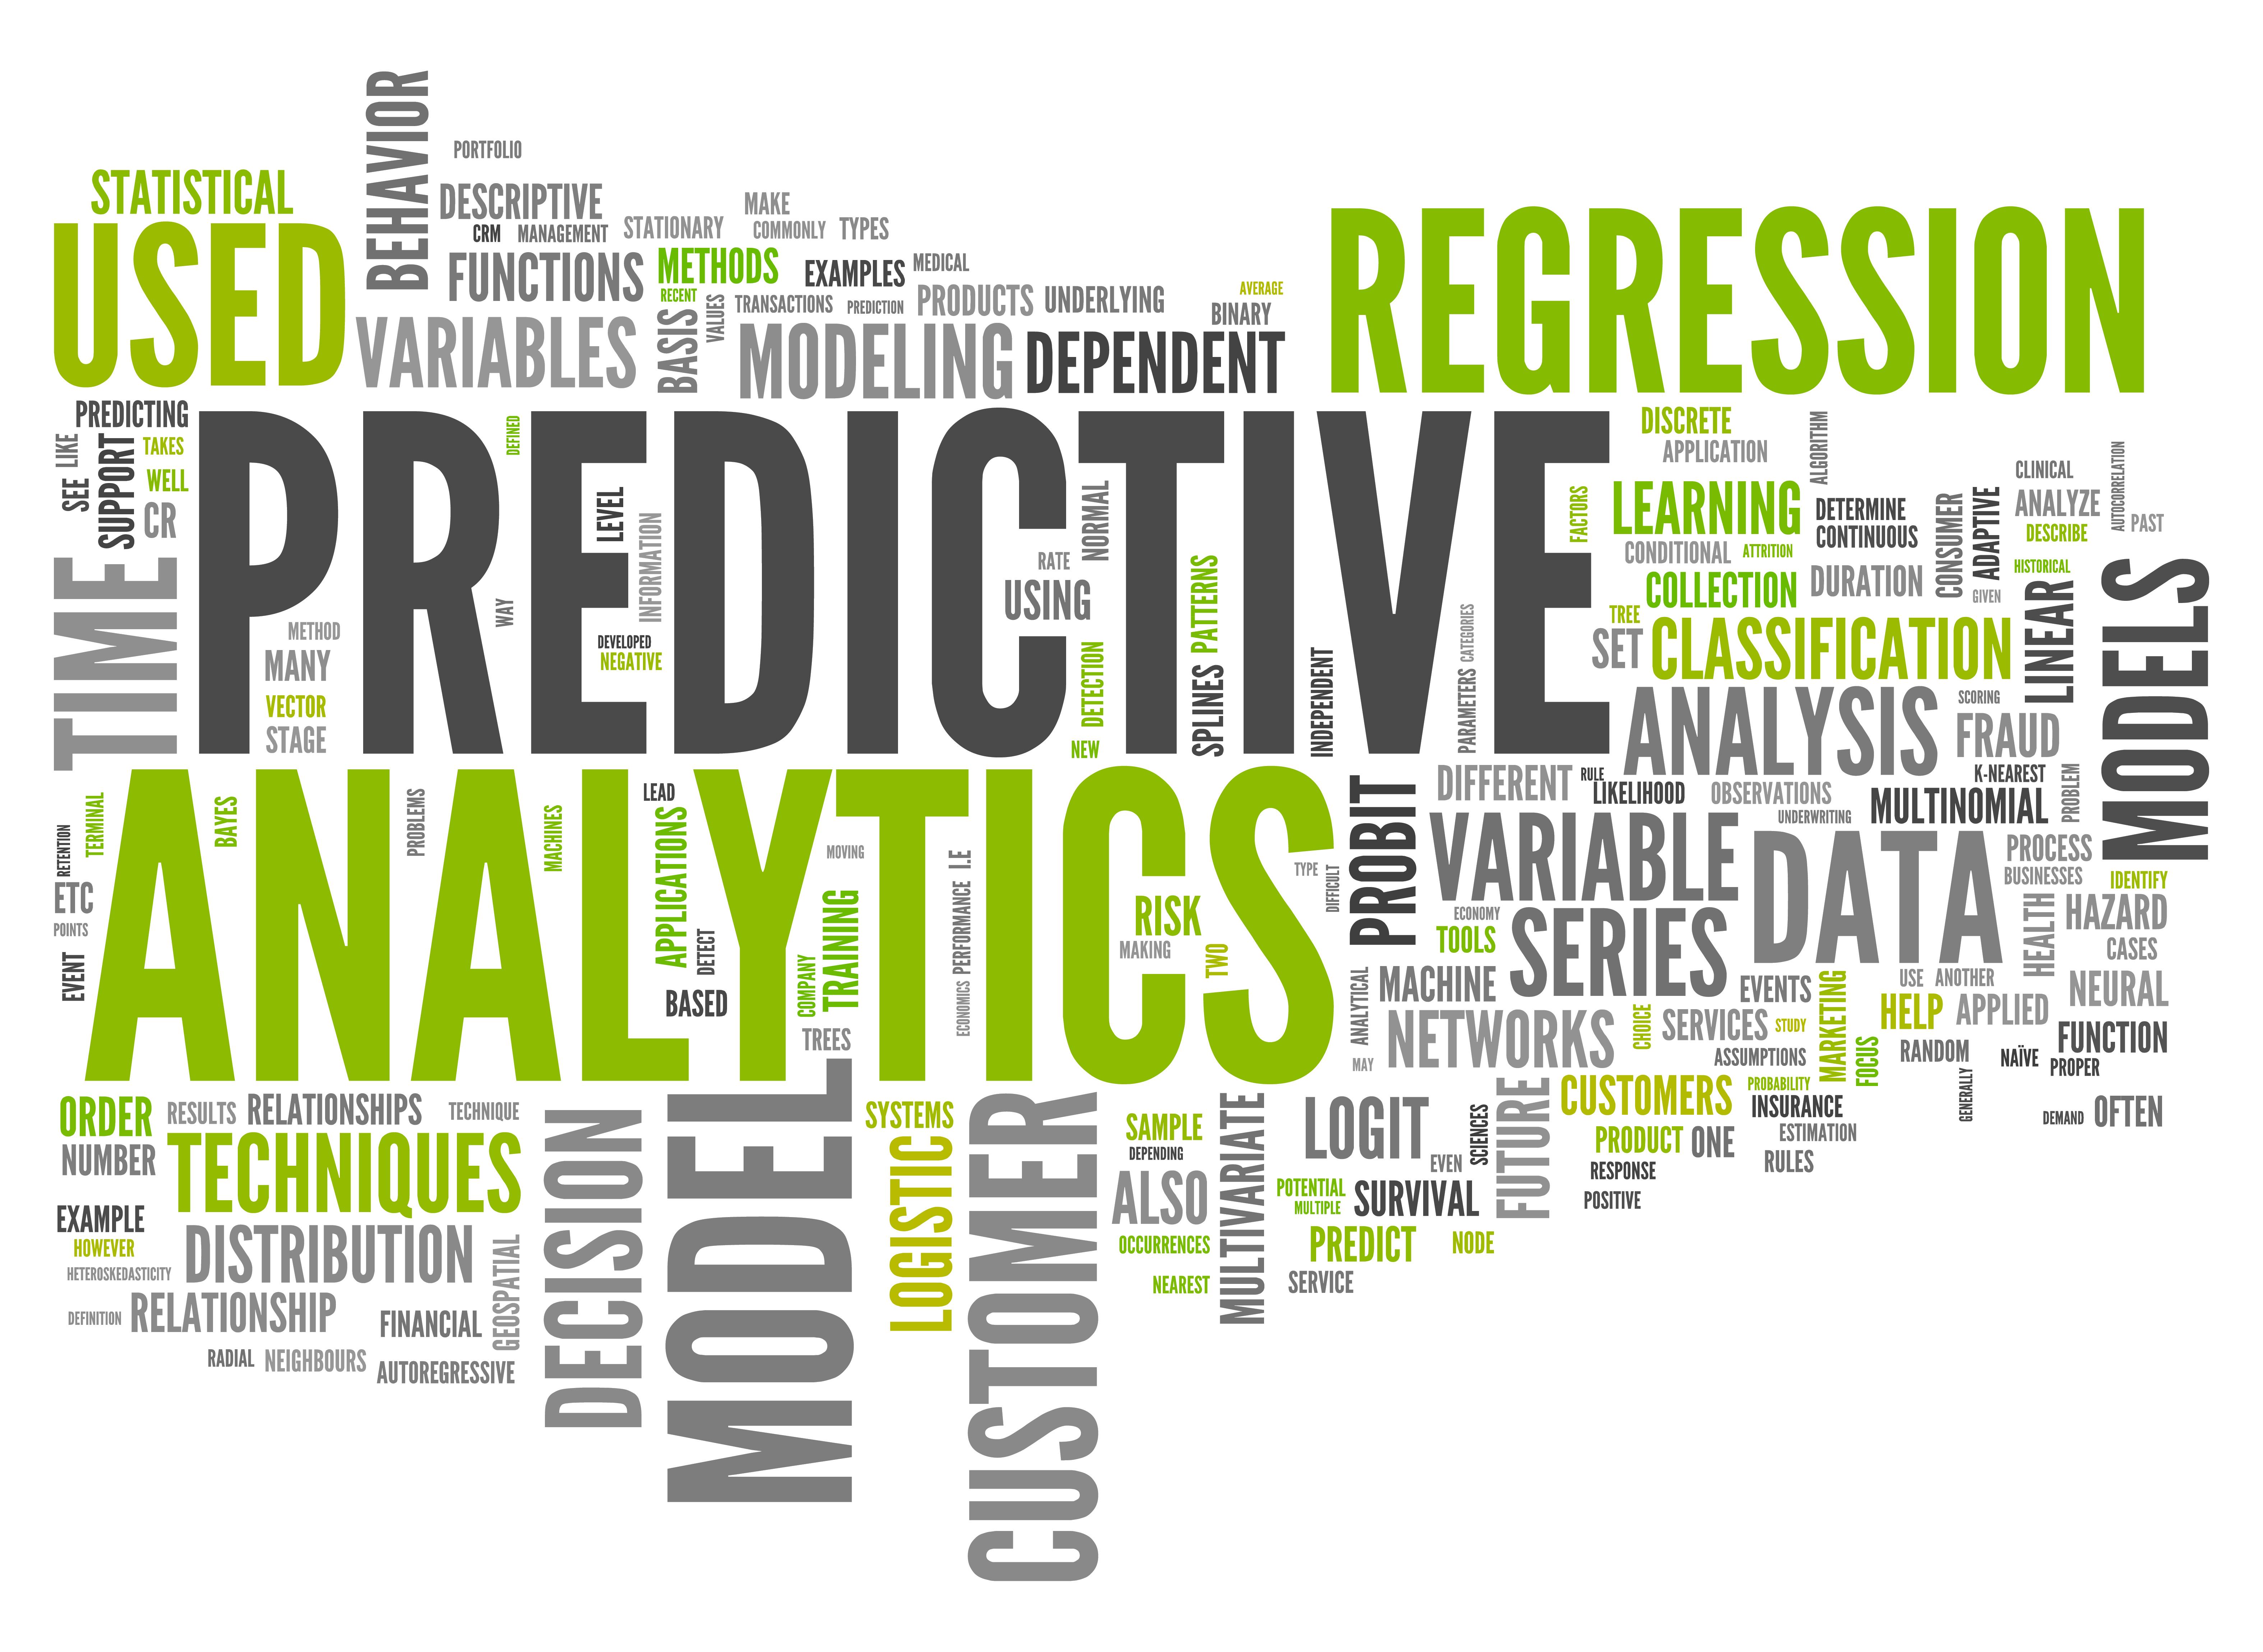 L'analyse prédictive est une zone d'analyse statistique